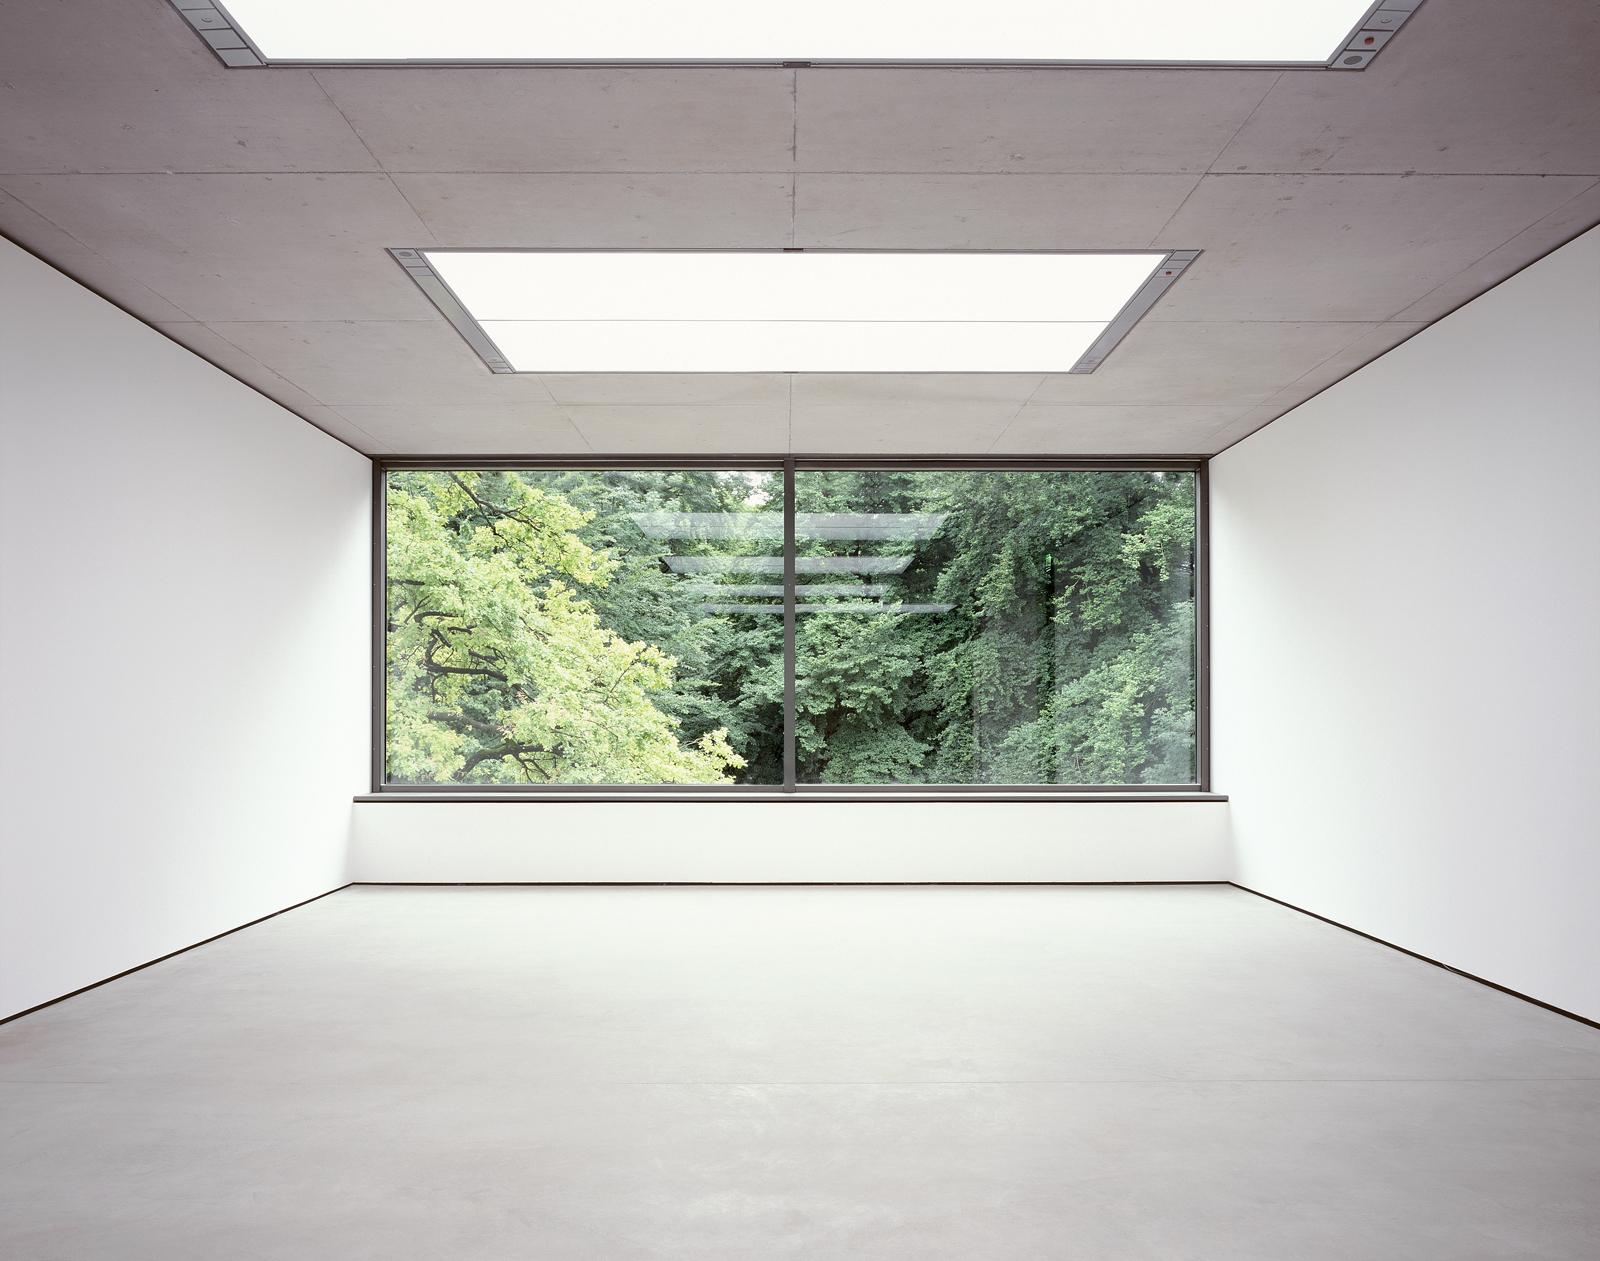 Museum-der-Moderne-Salzburg-Tageslichtgeschoss-Ausblick-Naturschutzgebiet-Moenchsberg-02-Friedrich-Hoff-Zwink-Architekten-Muenchen-2004-Foto-Simone-Rosenberg